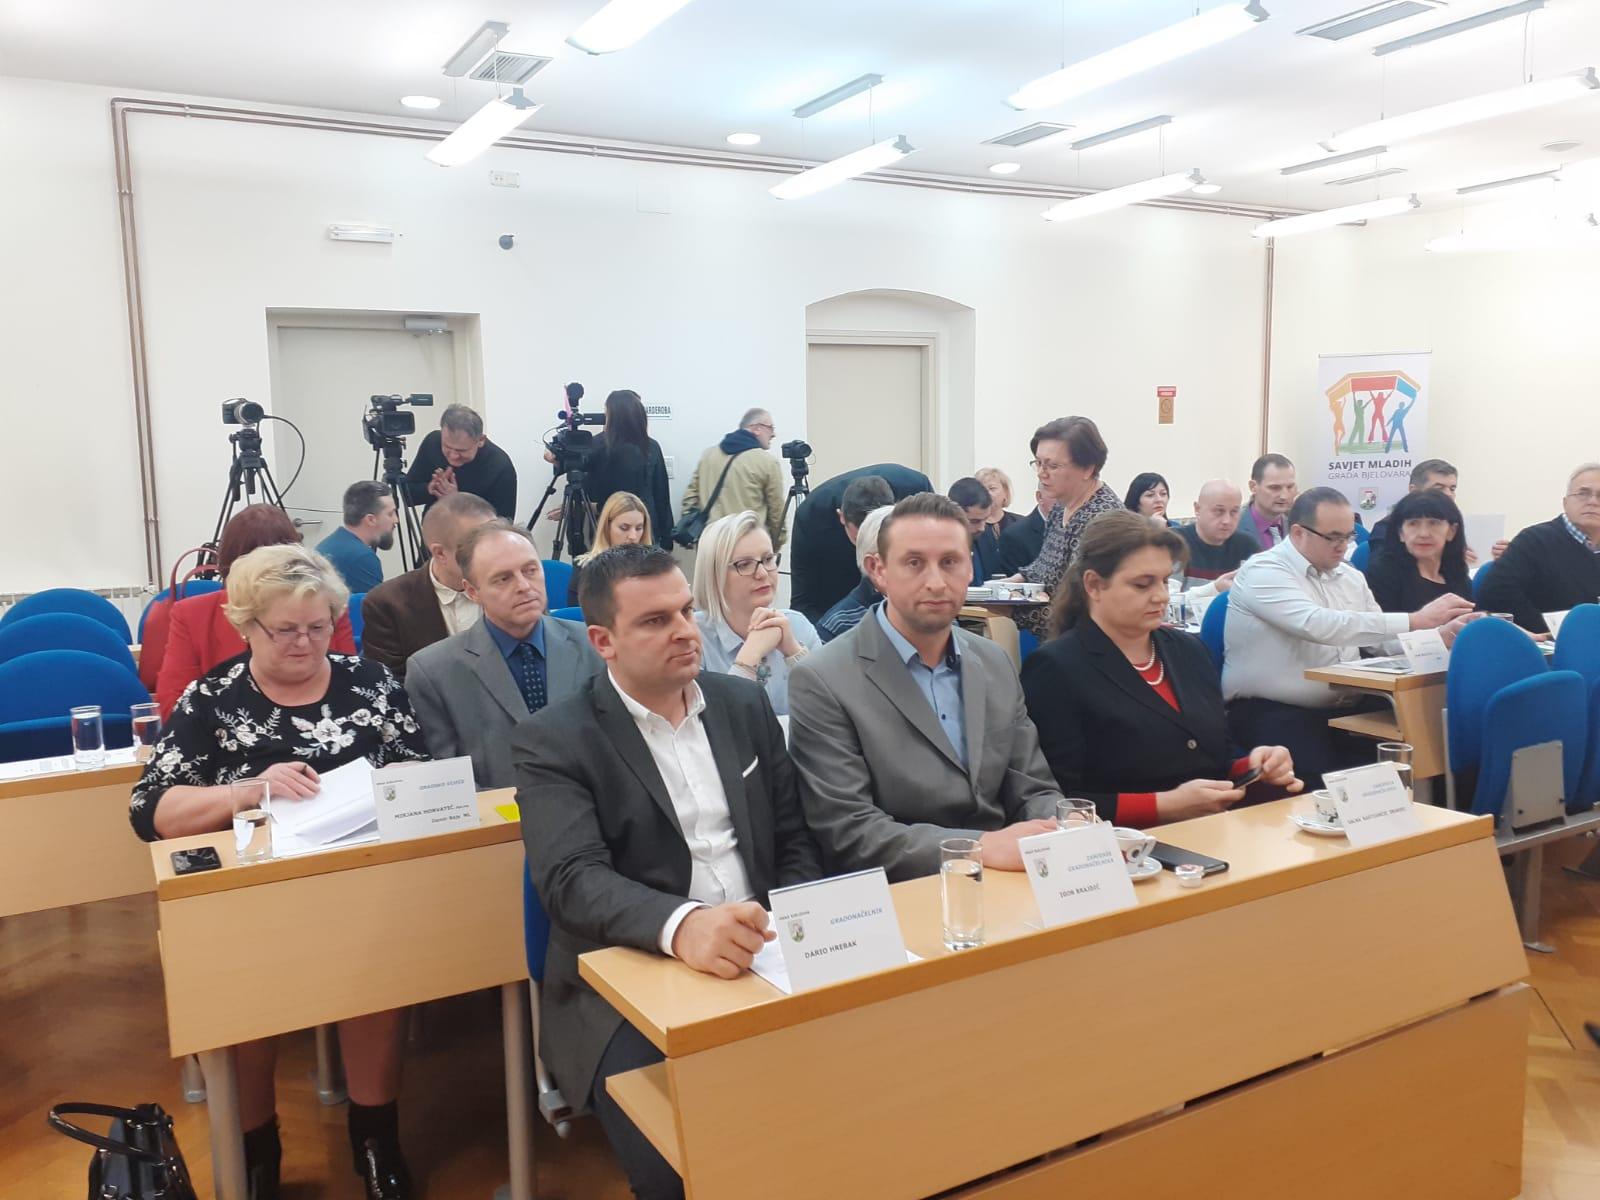 BJELOVARSKI AKTUALAC Rasprava o tajničkim dnevnicama, kanalizaciji i zaključanom zahodu